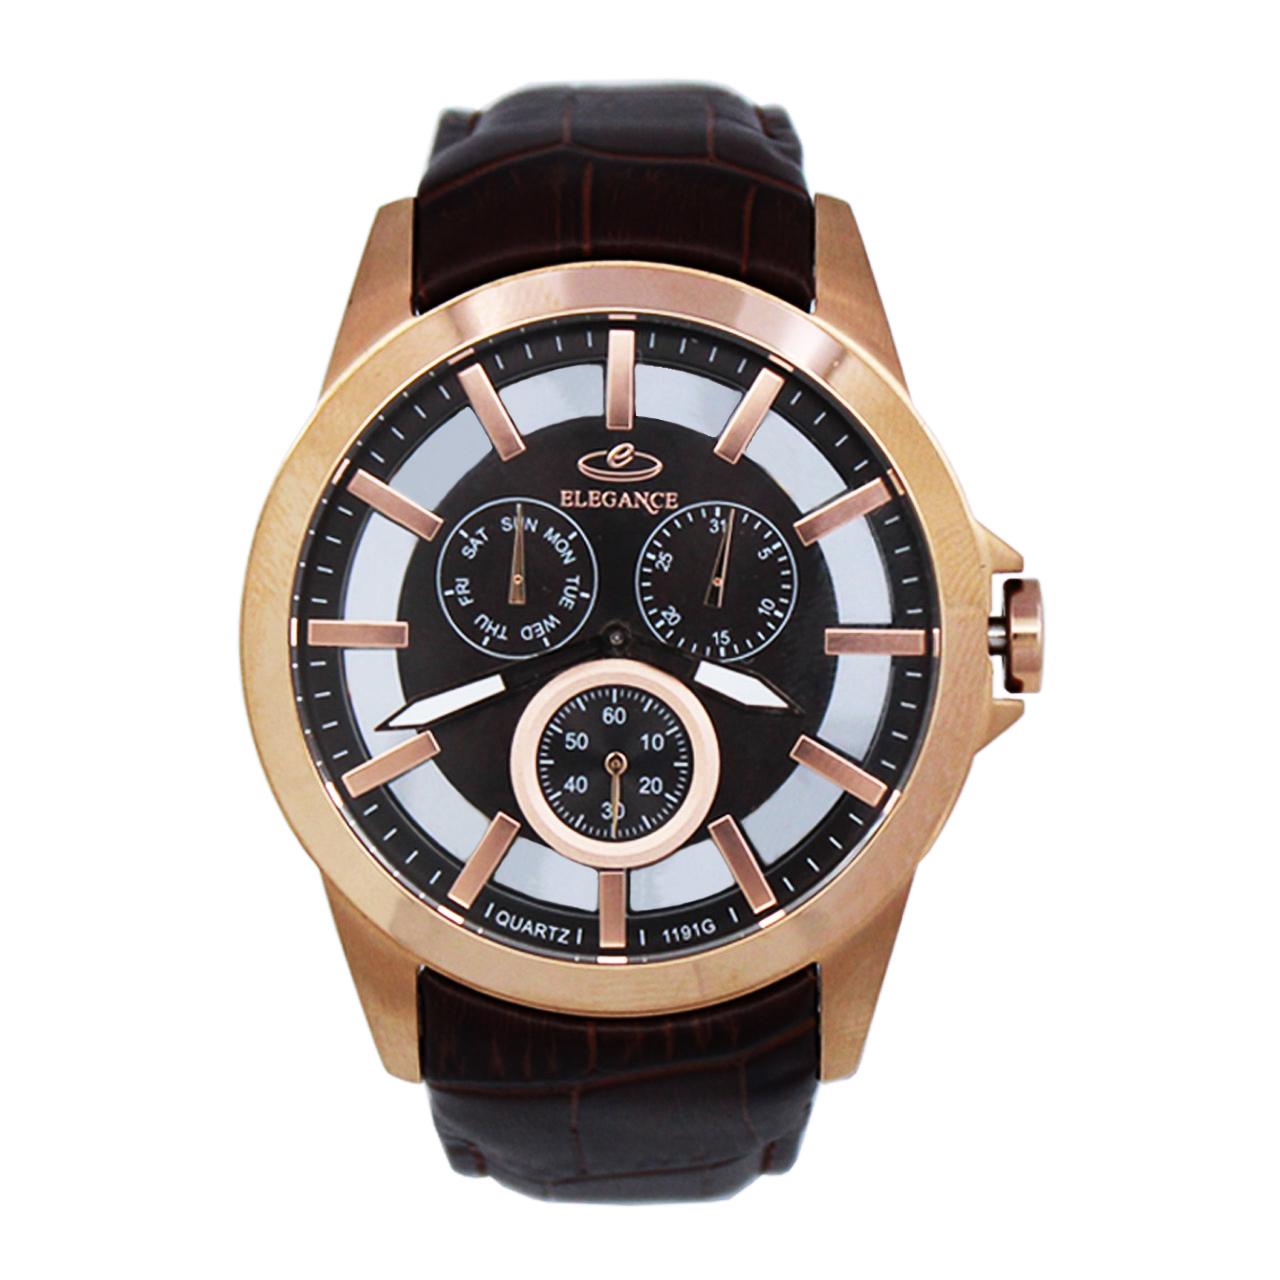 ساعت مچی عقربه ای مردانه الگانس مدل DGMK-0132 – 1191G